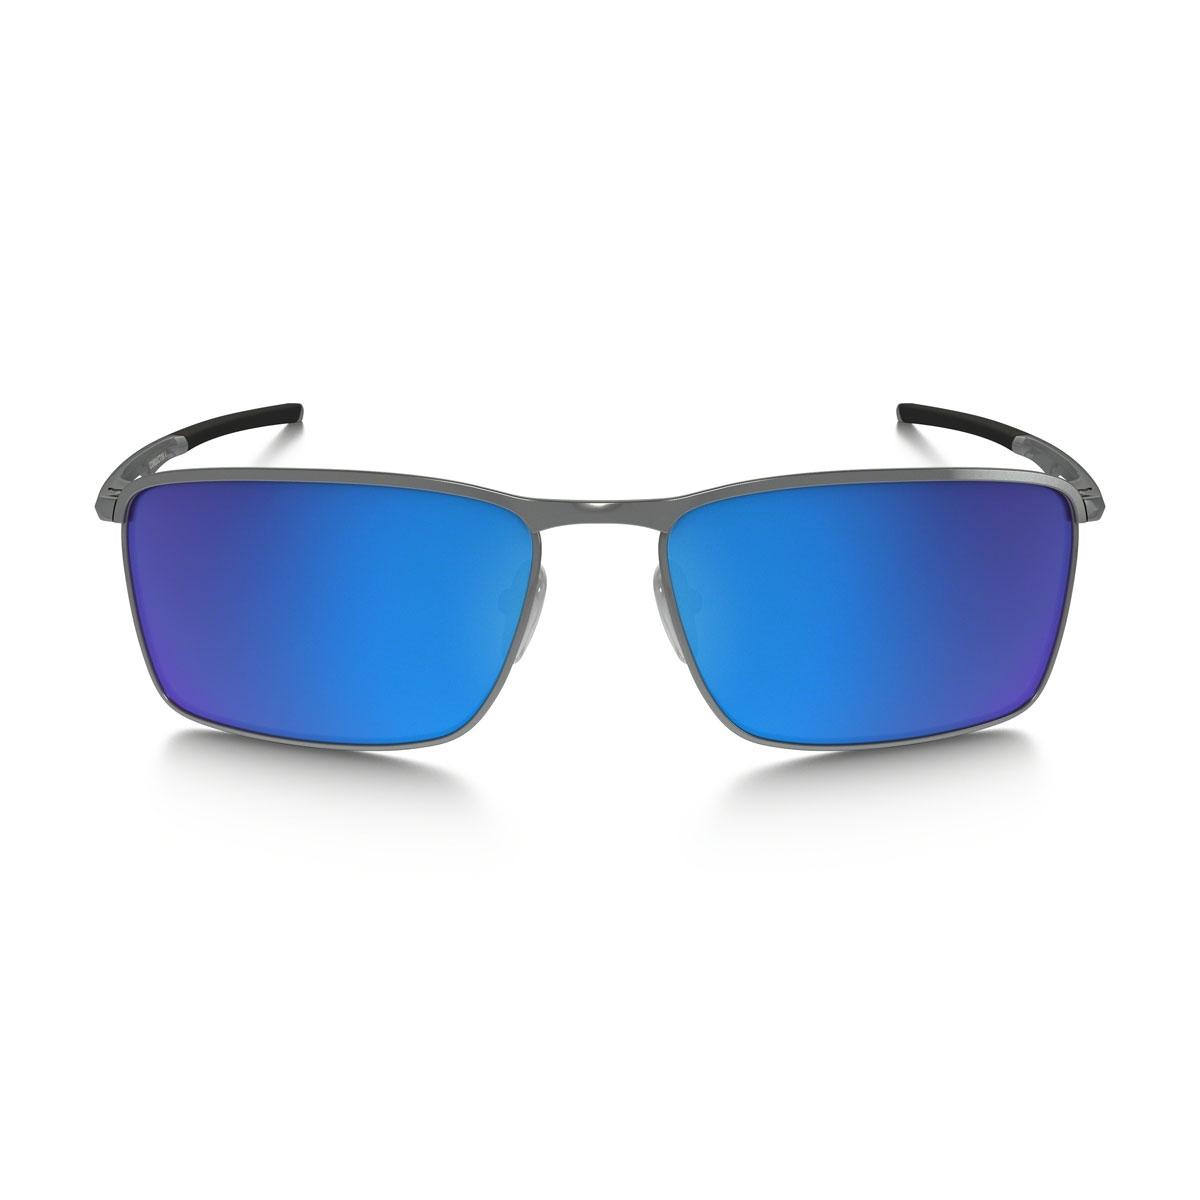 313765e532 ... Image of Oakley Conductor 6 Sunglasses - Lead Frame Sapphire Iridium  Lens ...